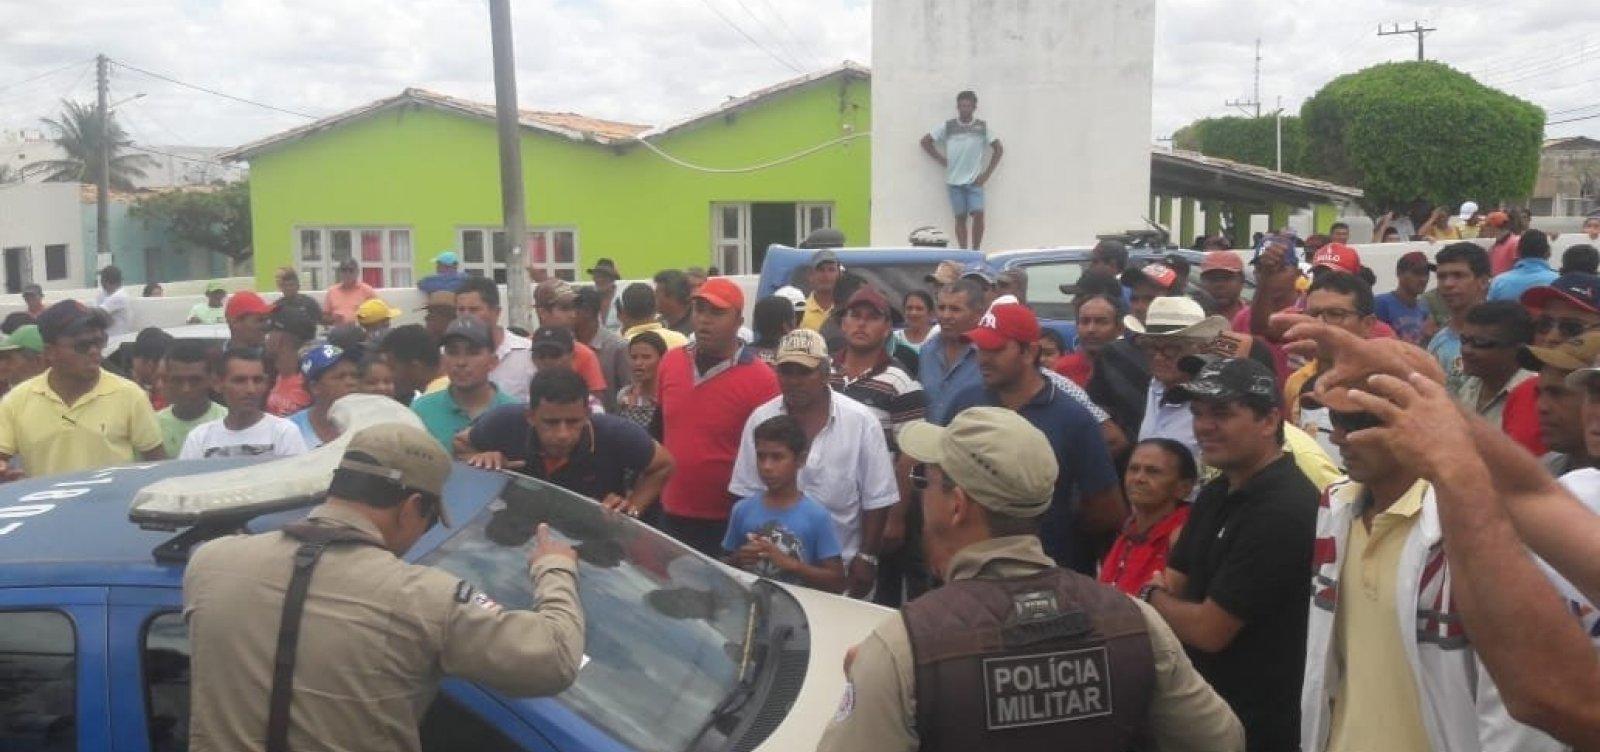 [Candidatos são presos por crime eleitoral no interior do estado]